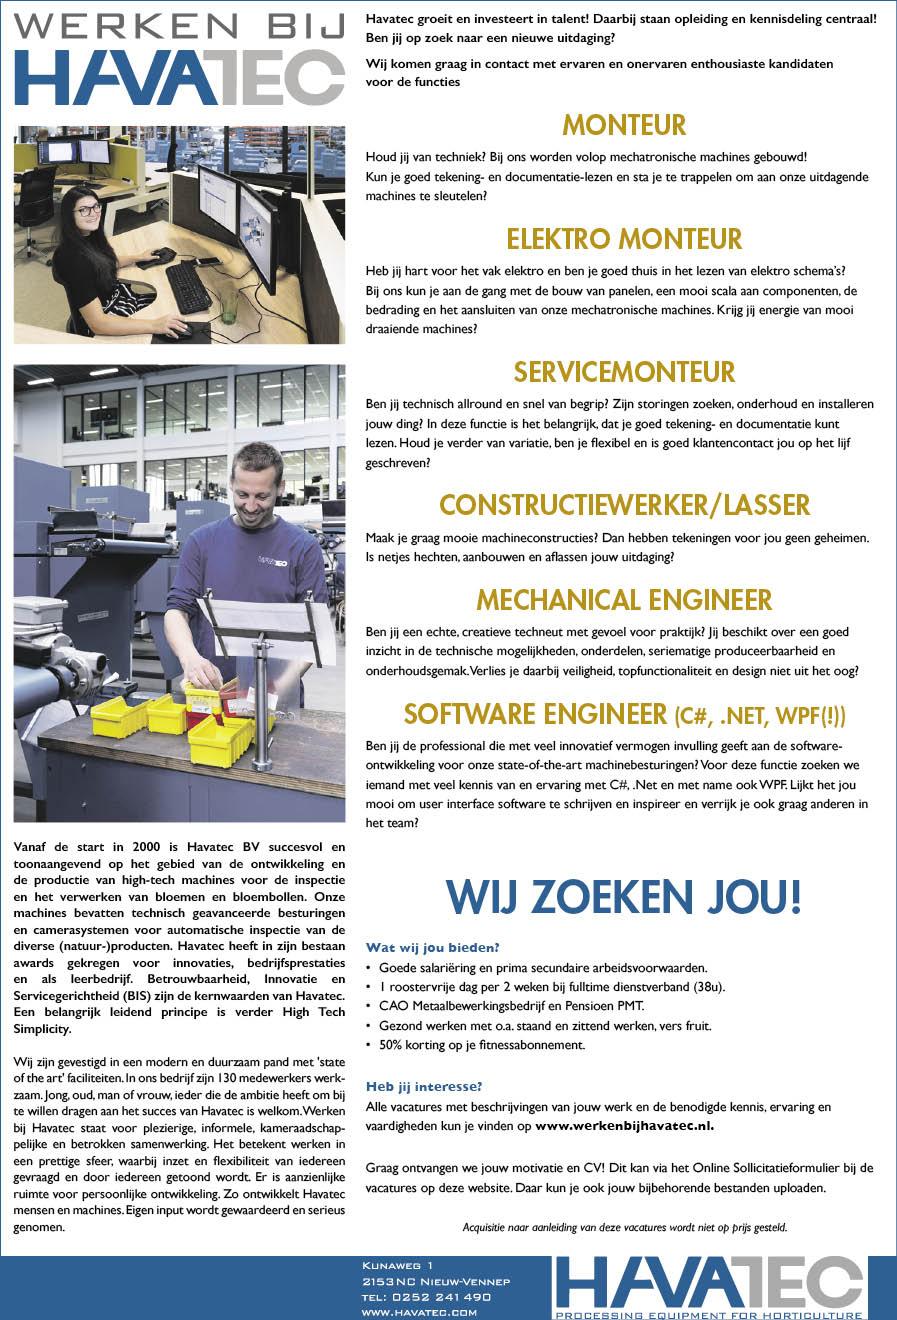 Vacature Constructiemedewerker/lasser